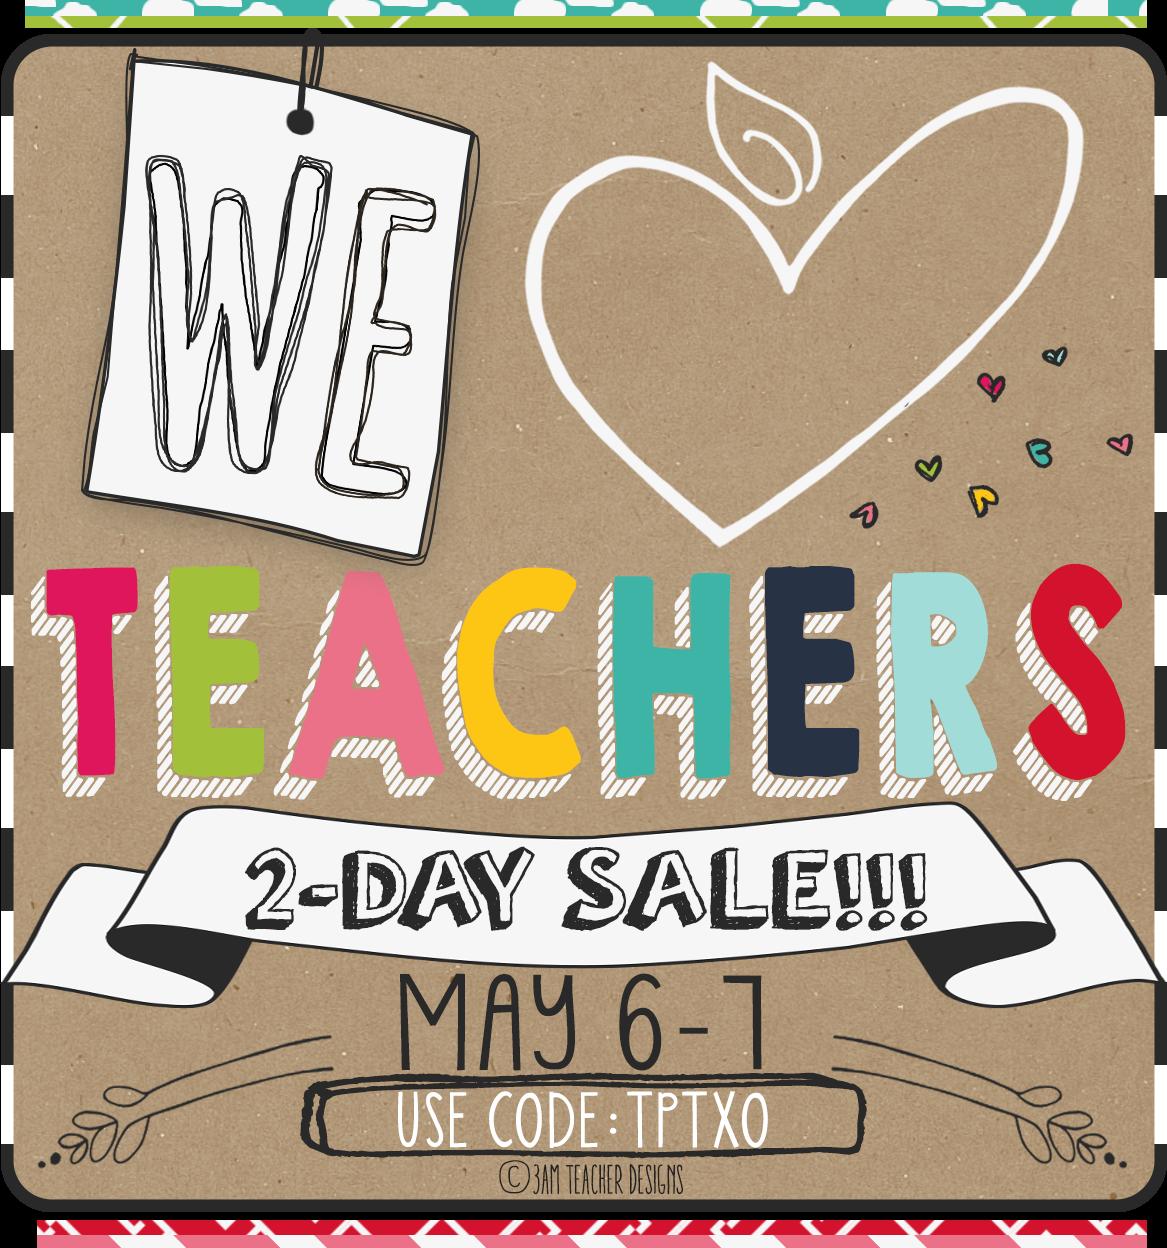 http://www.teacherspayteachers.com/Store/Primary-Junction